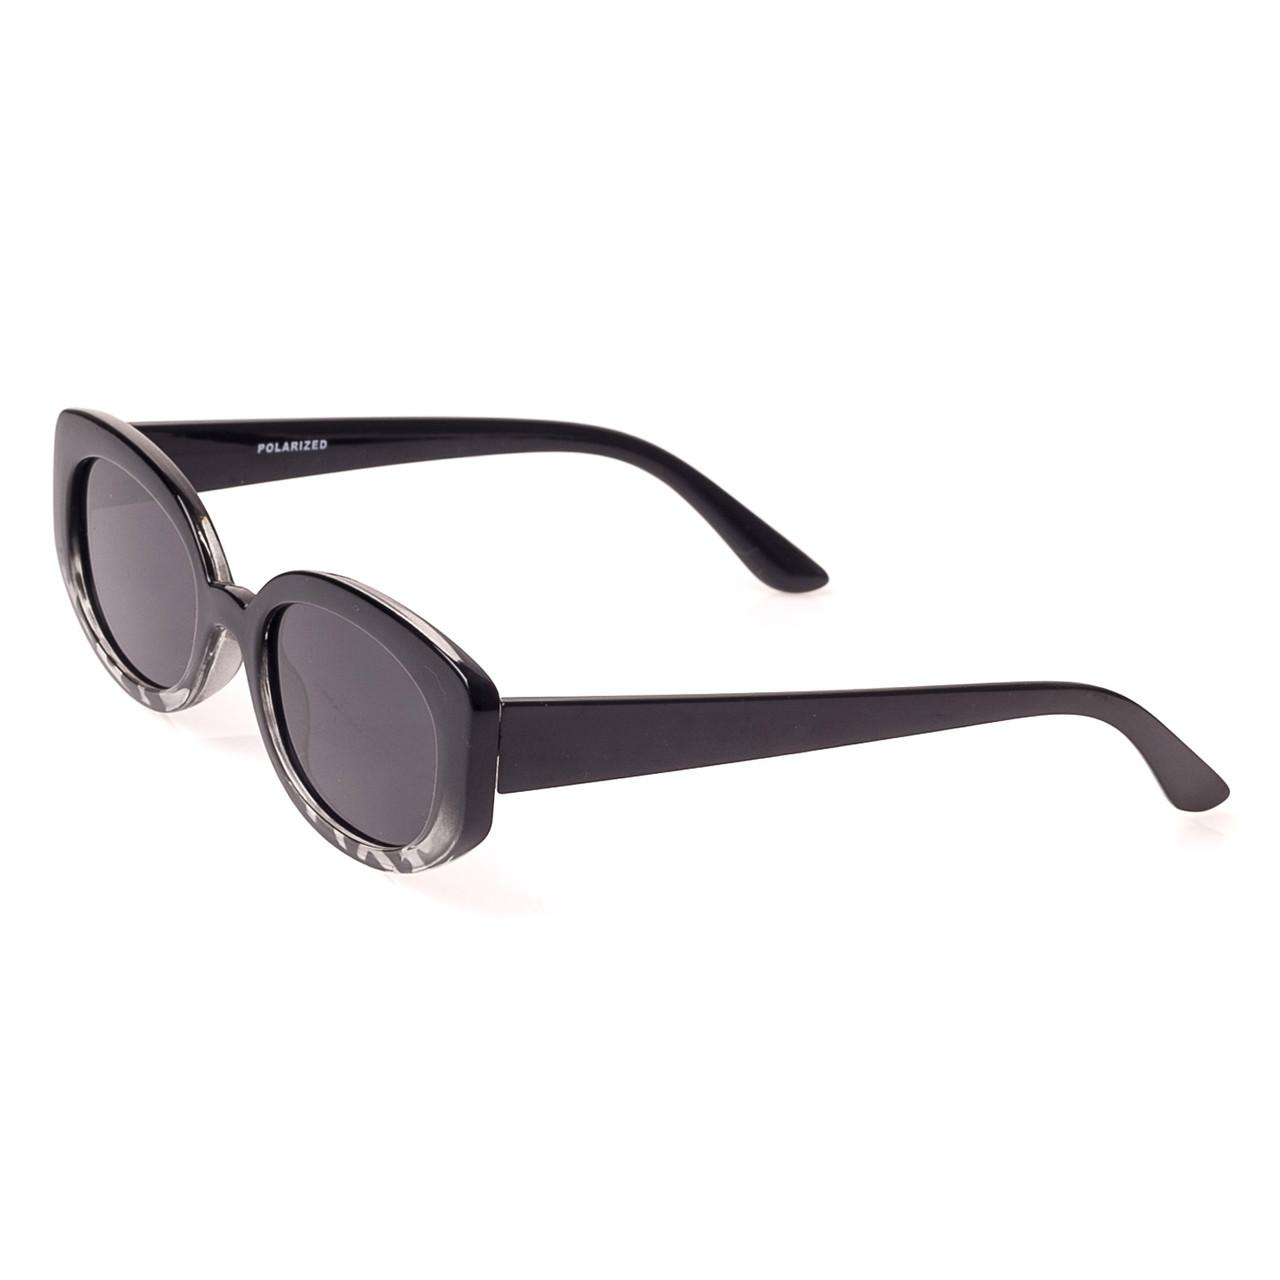 Солнцезащитные очки  Женские цвет Разноцветный оправа-пластик, линза-поликарбонат ( 052-05 )